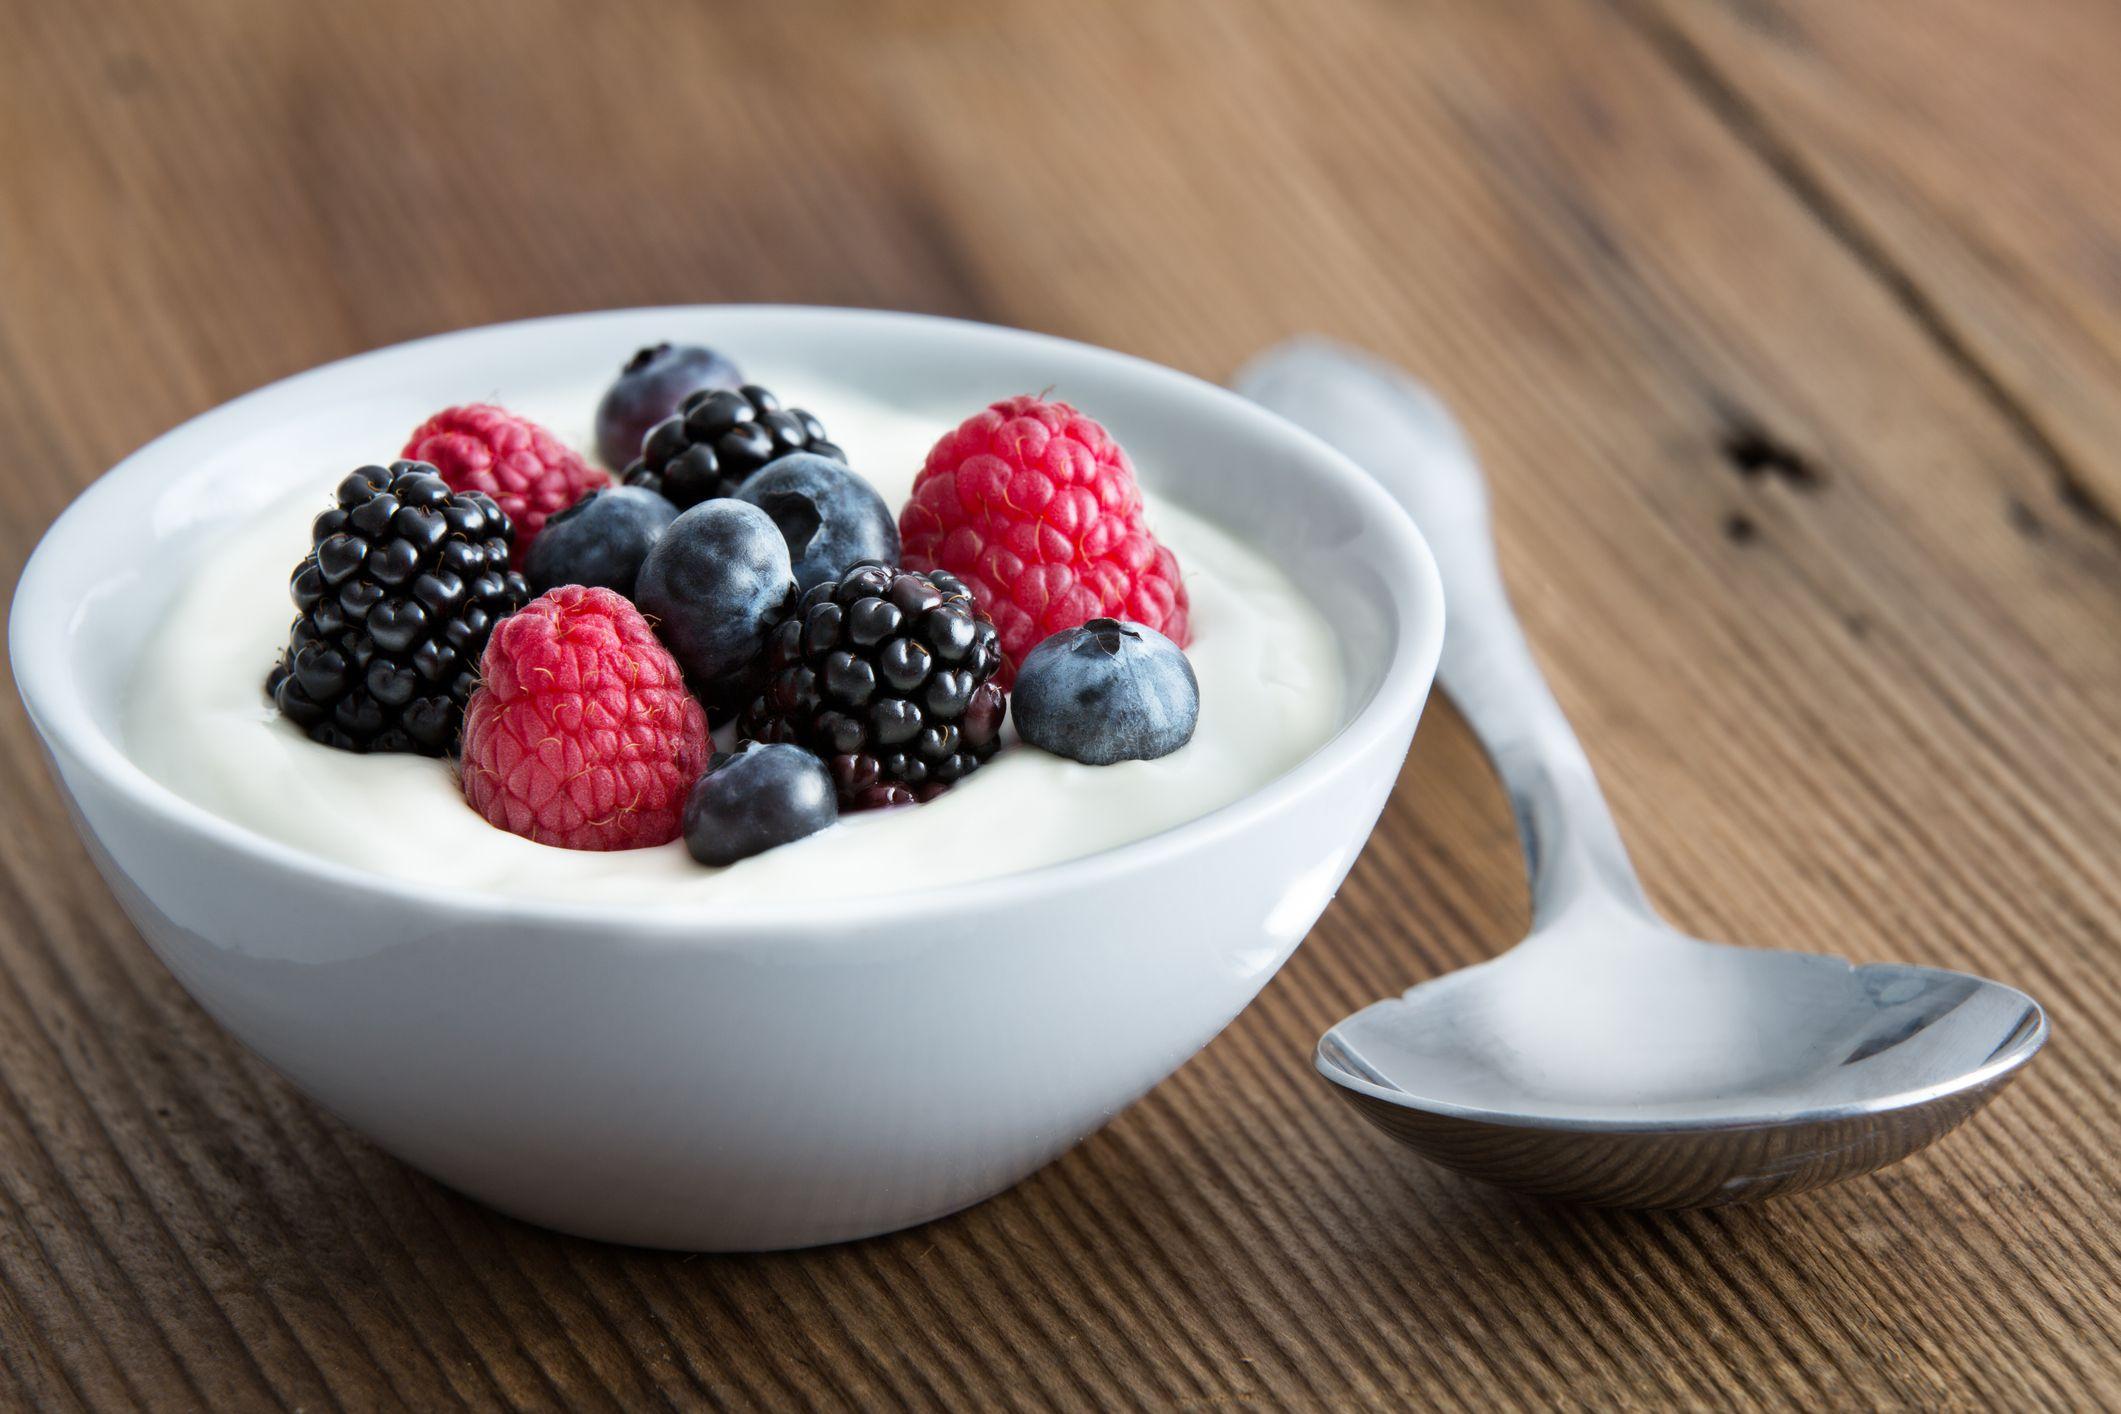 Las frutas ricas en fibra y los fermentados son alimentos clave en esta dieta.